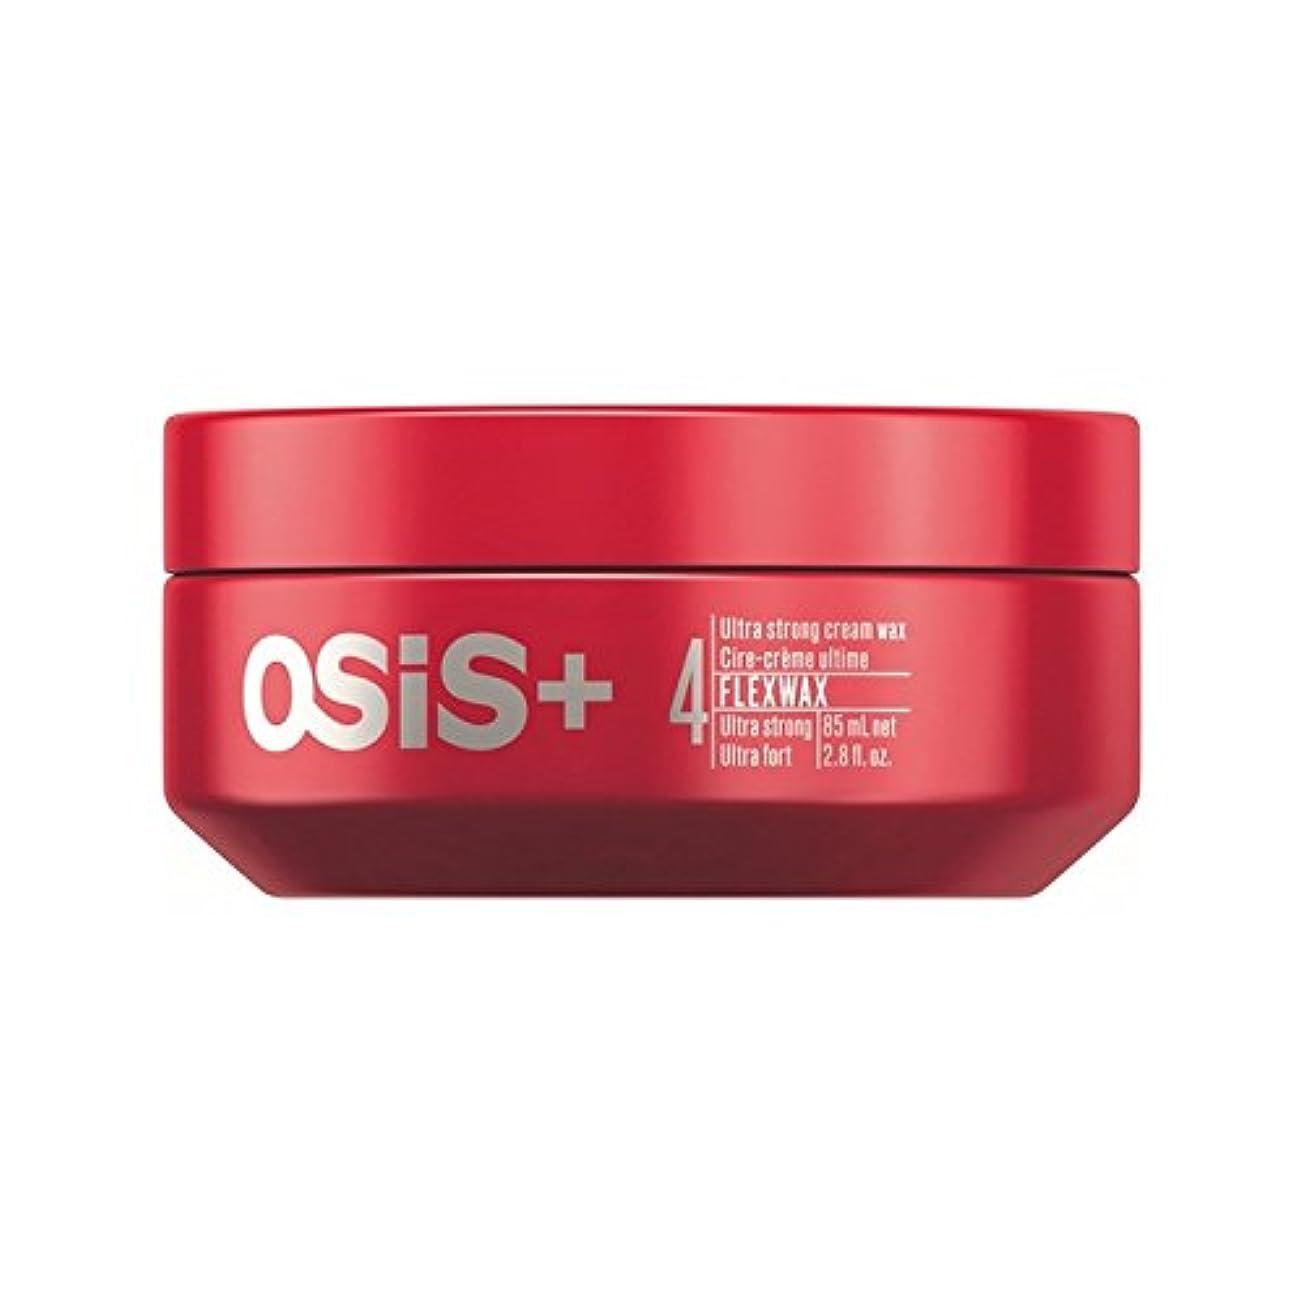 排他的会議修正するSchwarzkopf Osis Flexwax Ultra Strong Cream Wax (85ml) - シュワルツコフ 超強力なクリームワックス(85ミリリットル) [並行輸入品]